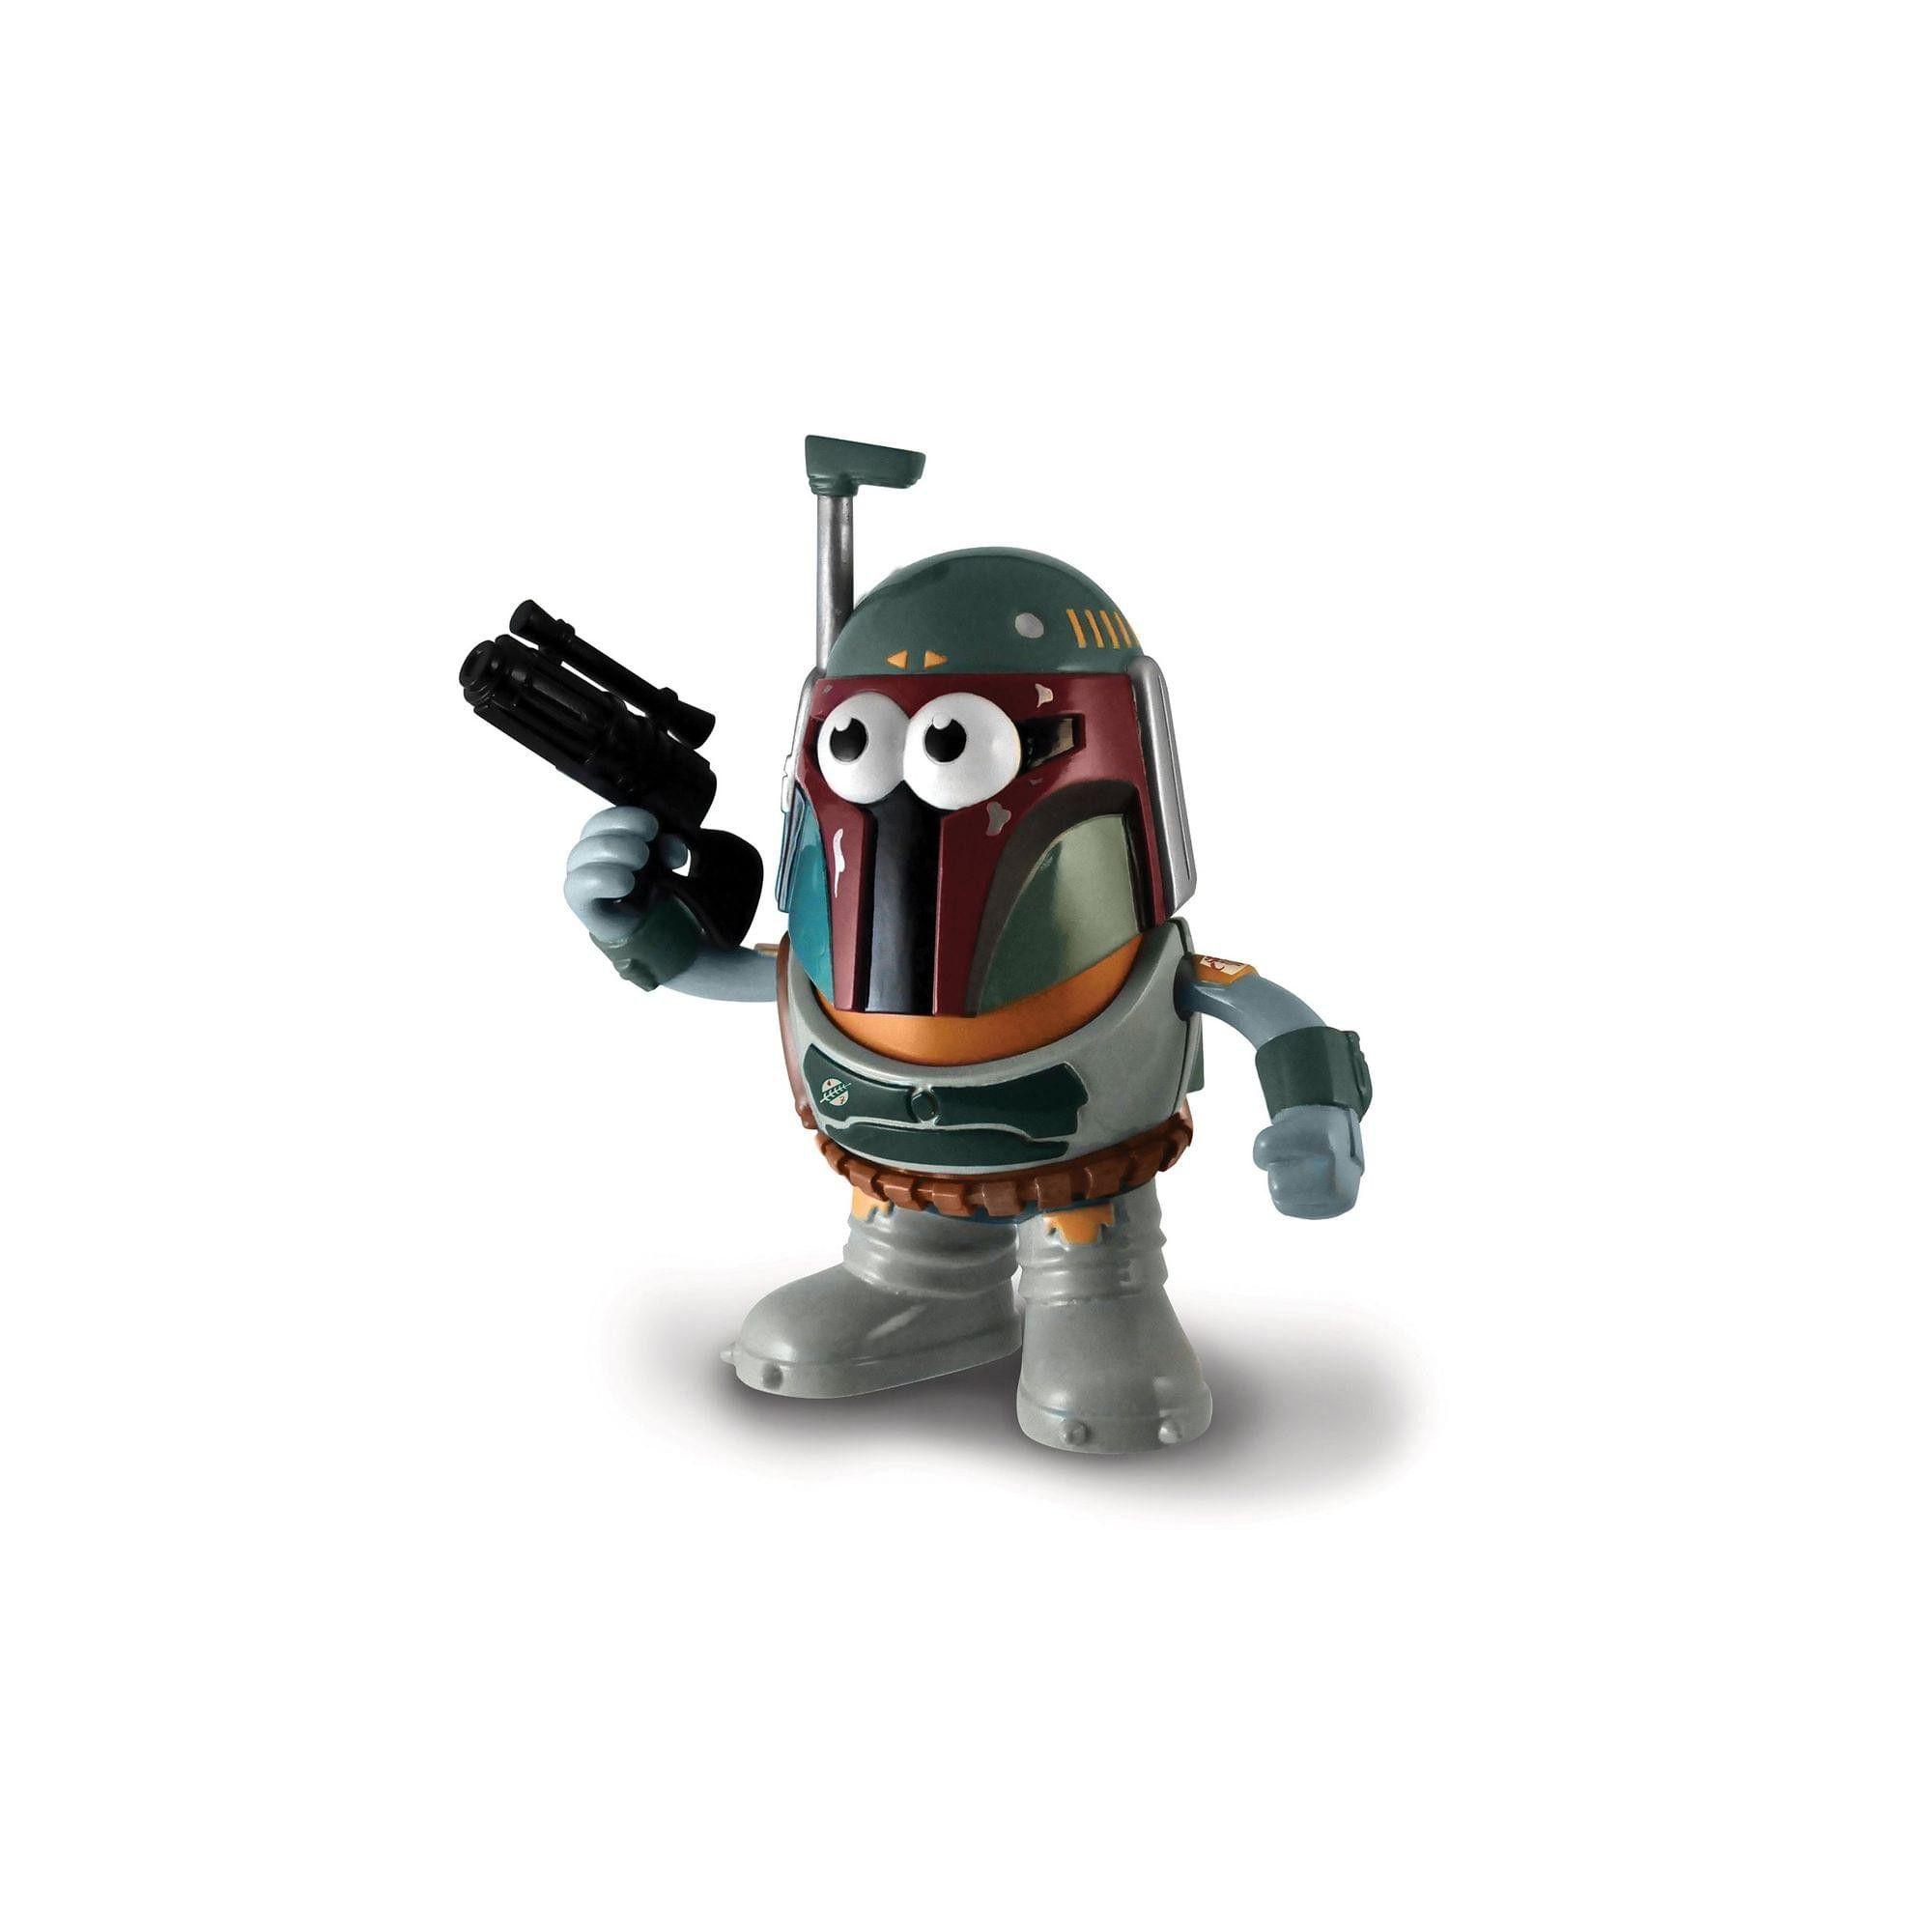 Star Wars Jango Fett poptaters Mr Potato Head